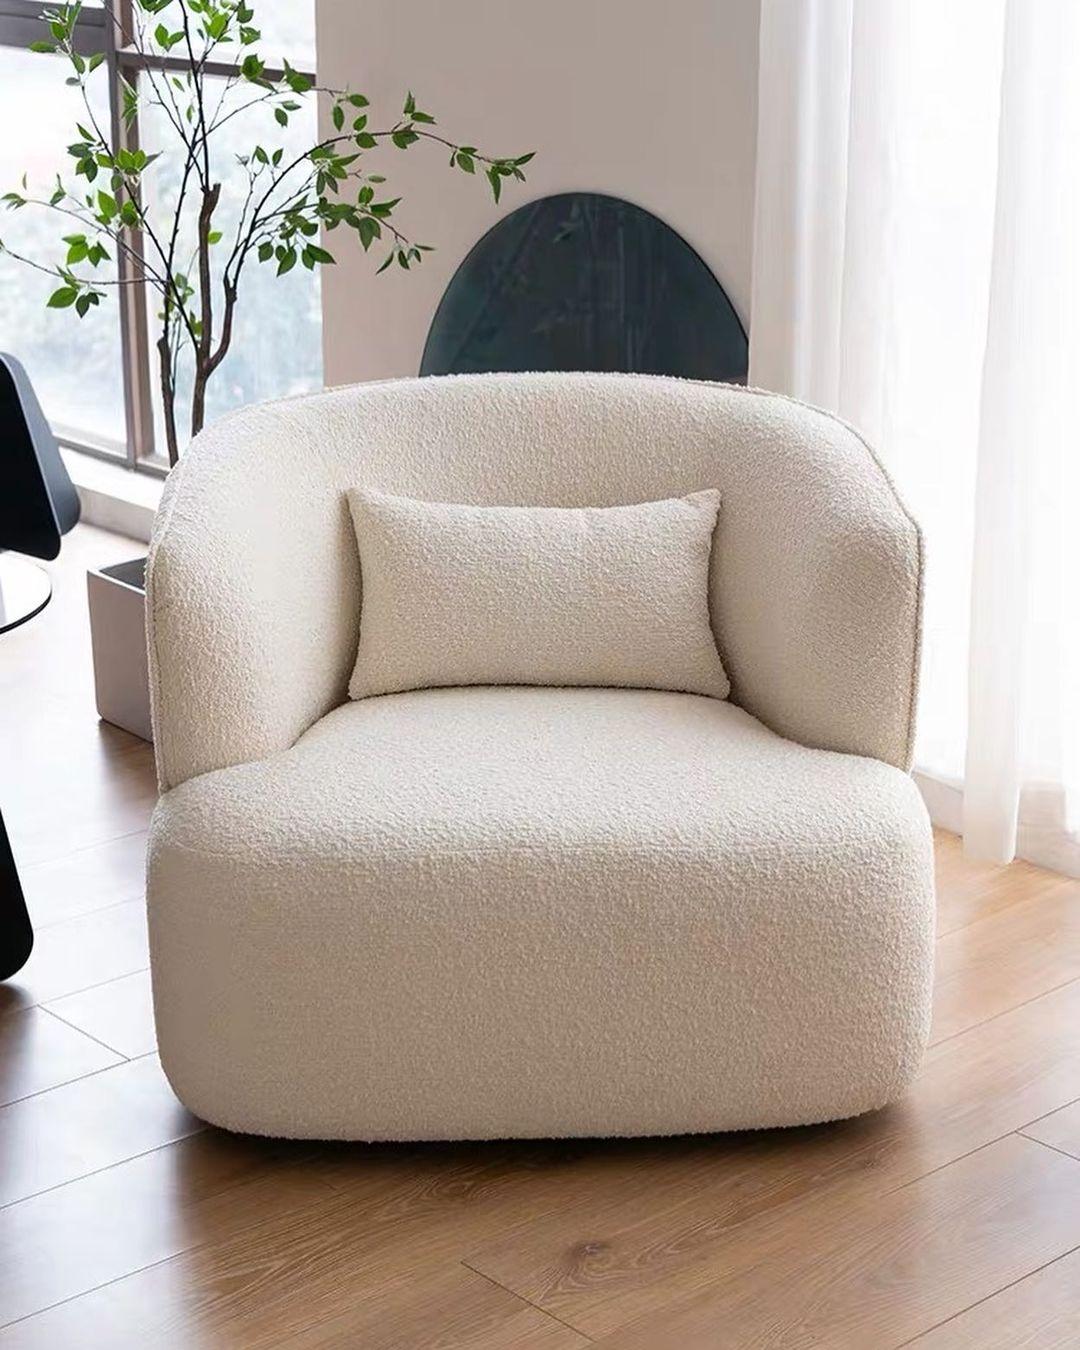 Nhà Jennie có sofa sang xịn tận 57 triệu, bạn có thể sắm kiểu tương tự giá chỉ từ 6 triệu - Ảnh 9.